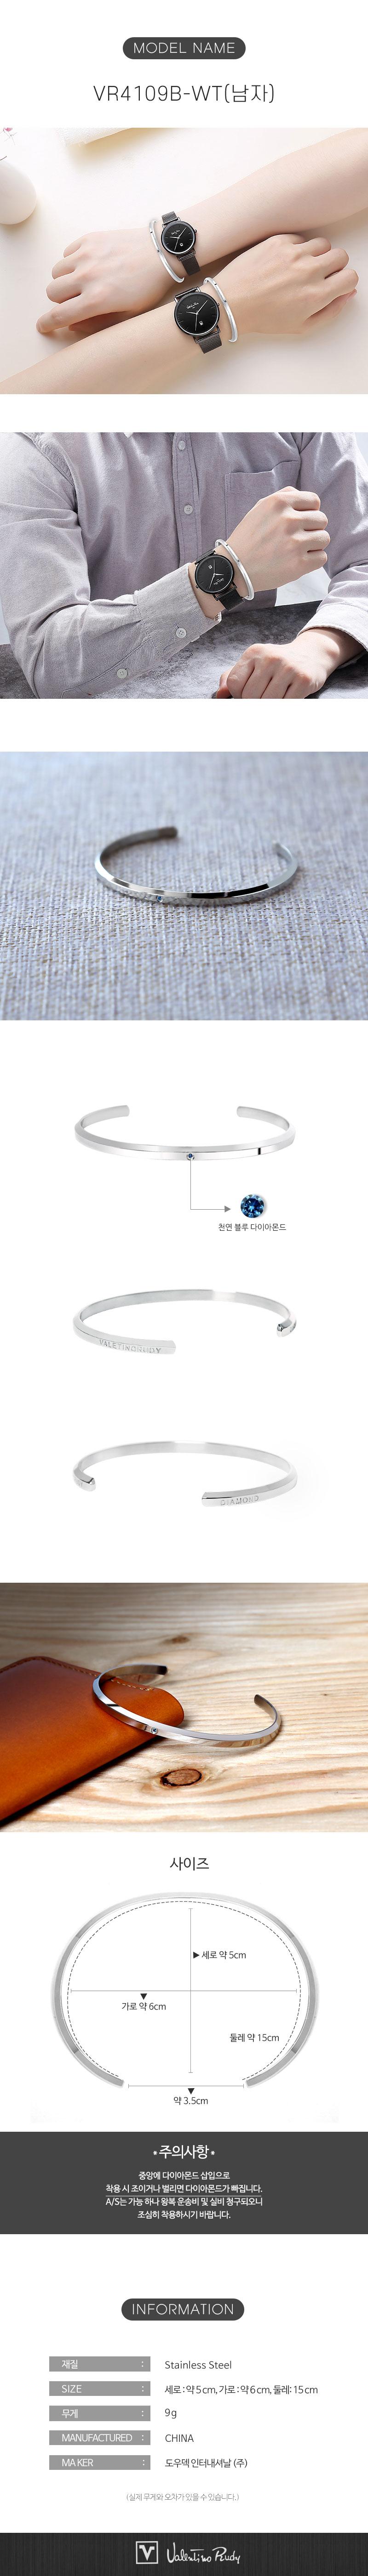 발렌티노 루디(VALENTINO RUDY) 각인 VR1118B-BKBK M+다이아몬드 커프팔찌 Collaboration Set 남자시계 메탈시계